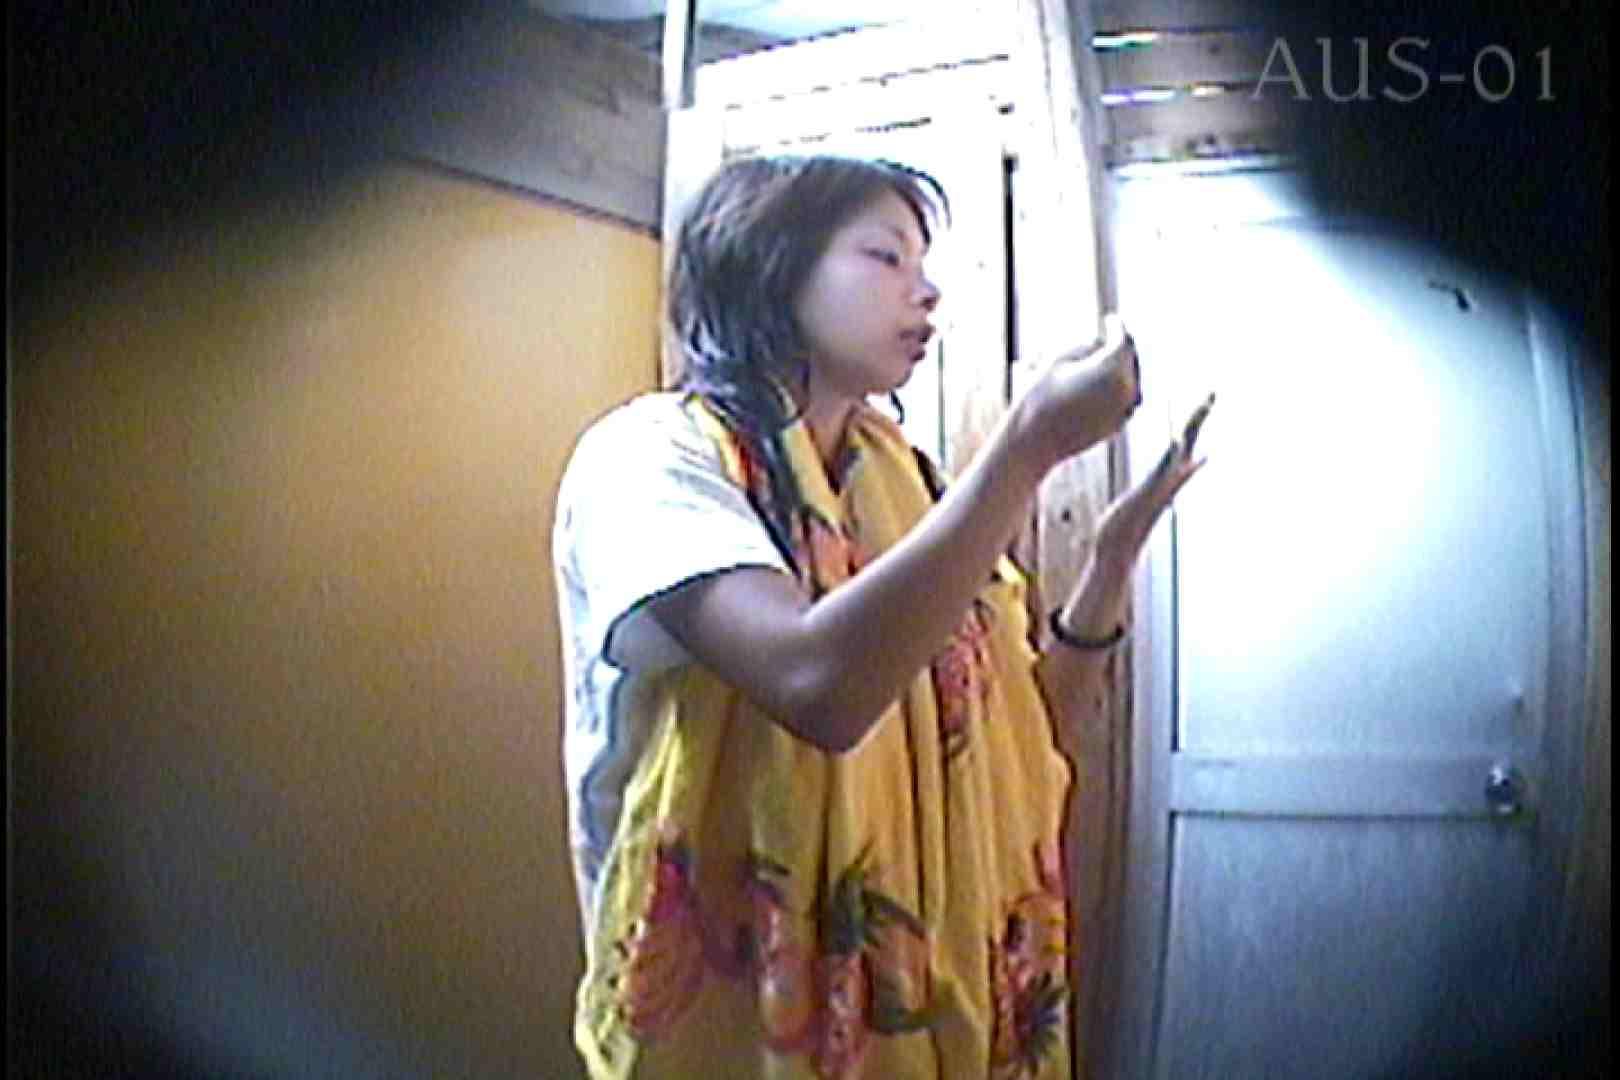 海の家の更衣室 Vol.01 美女 アダルト動画キャプチャ 104枚 13